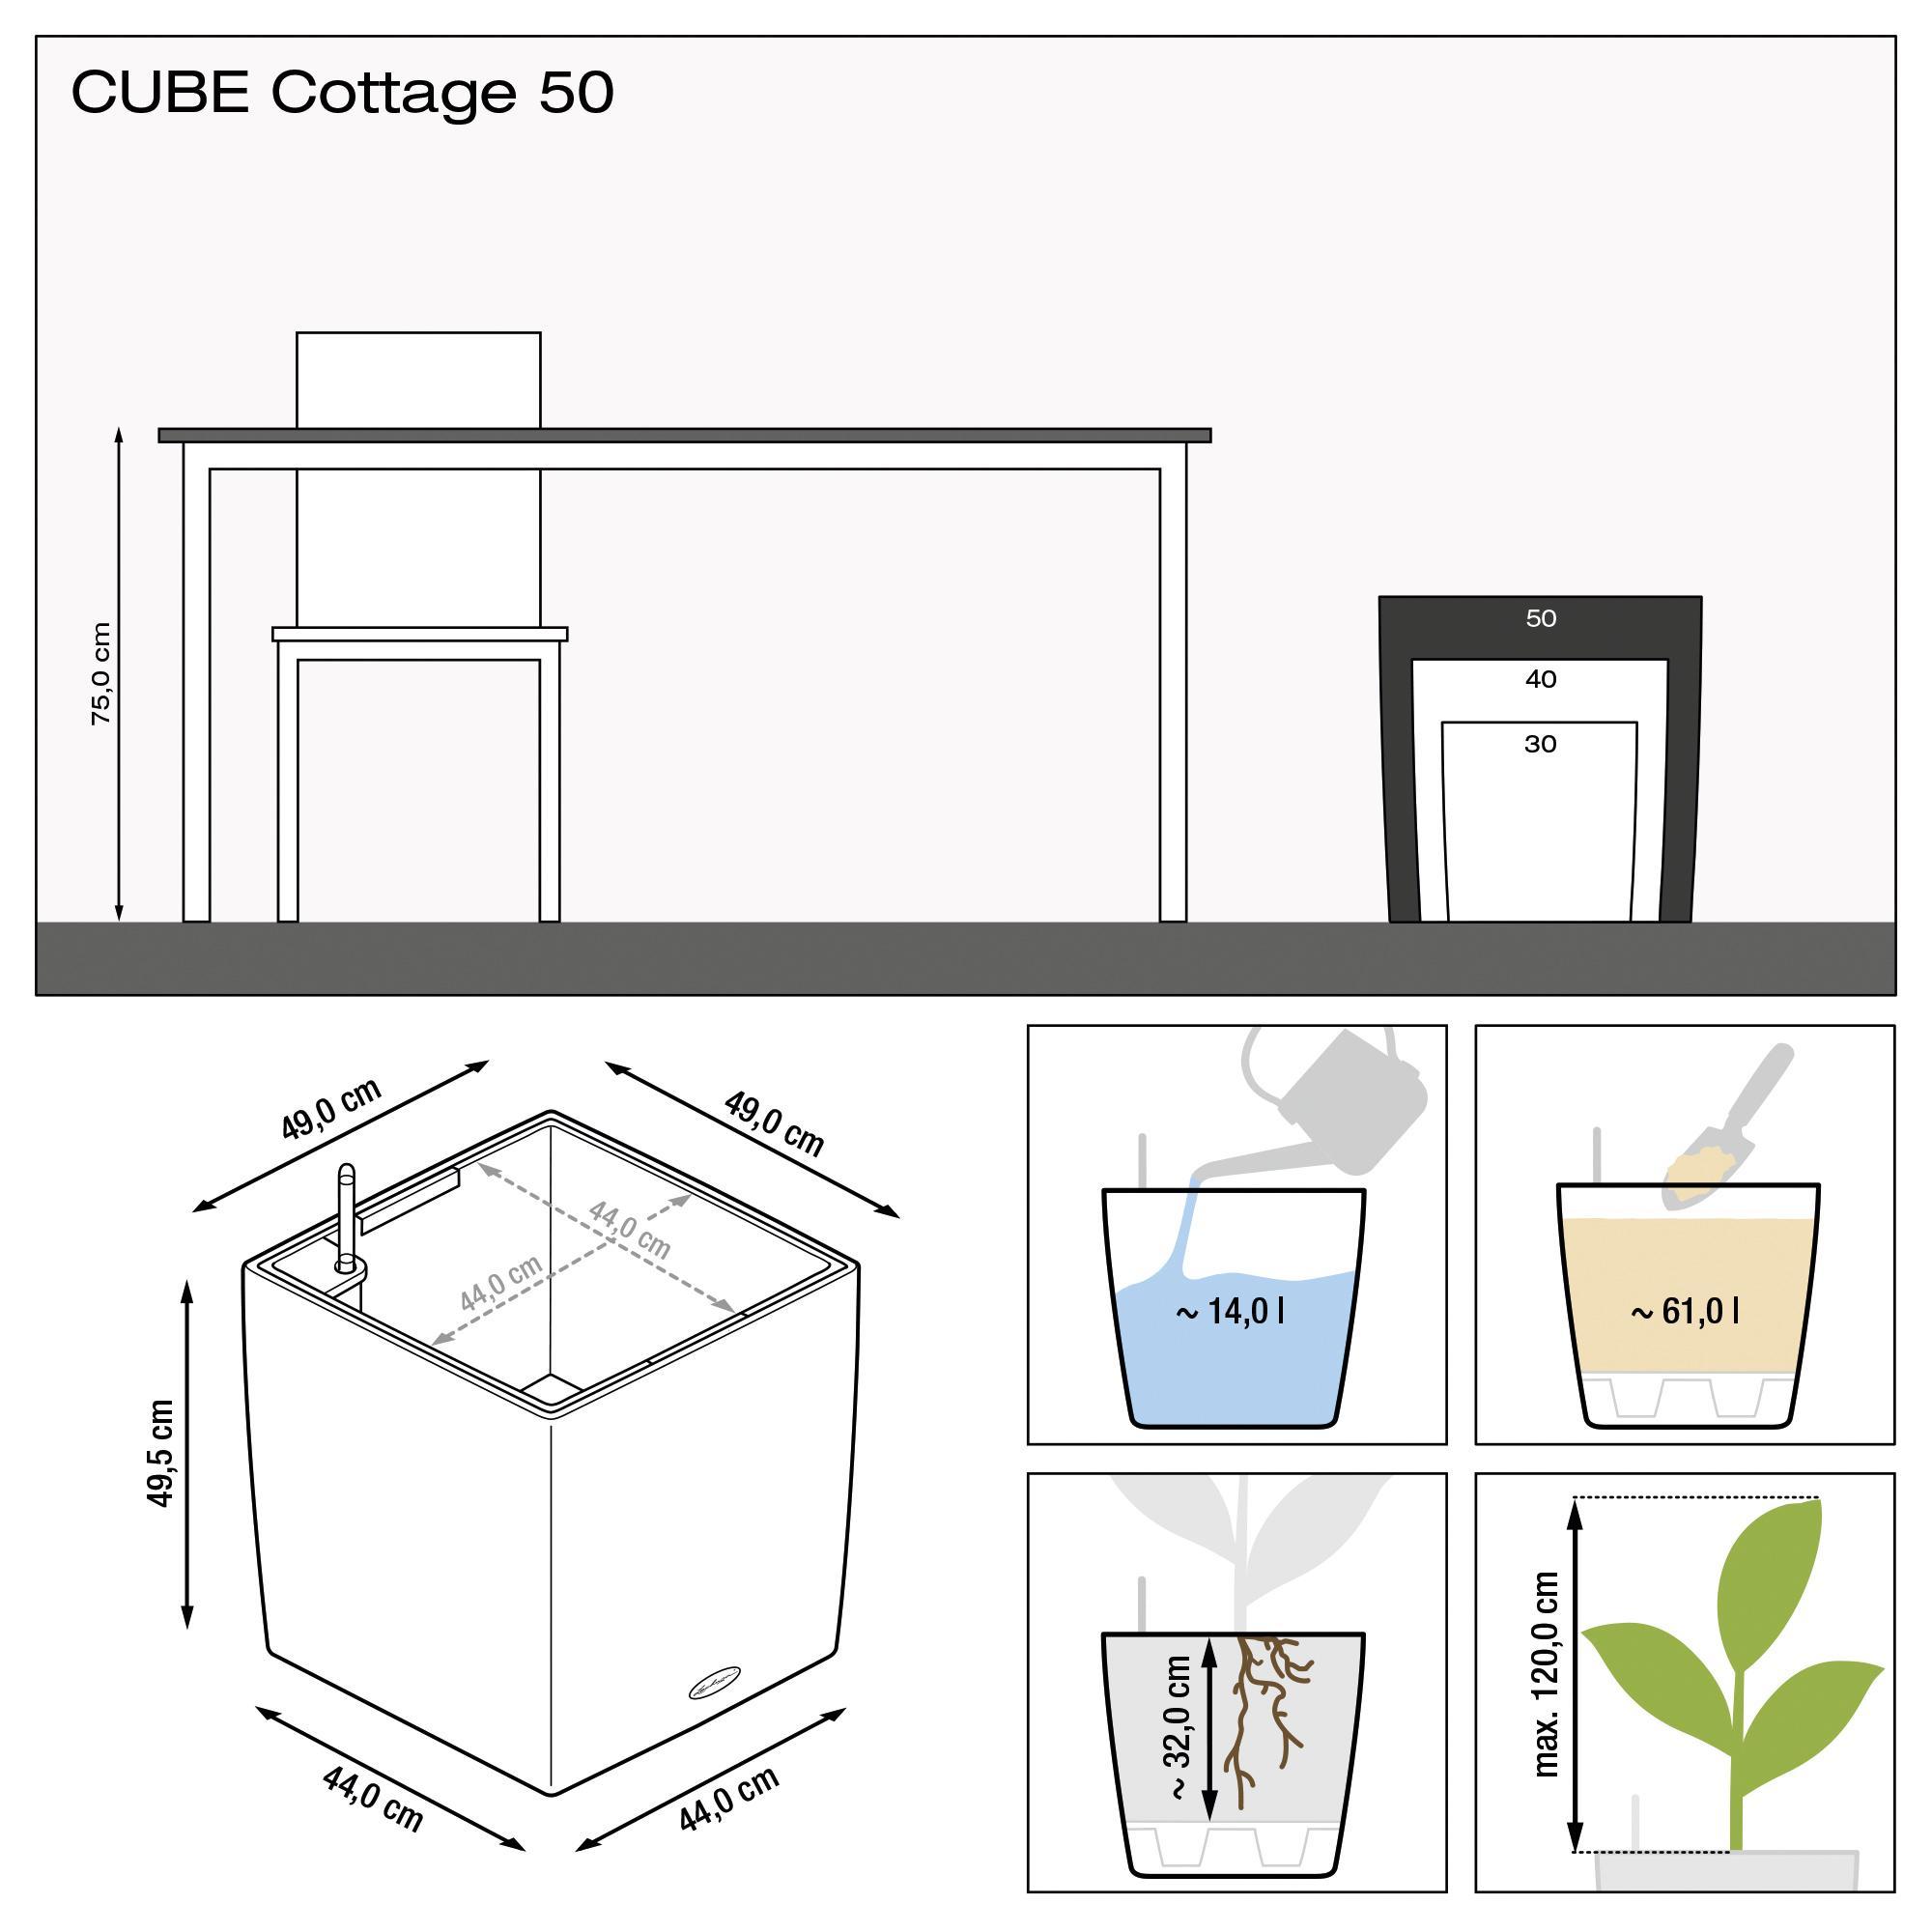 CUBE Cottage 50 moca - Imagen 3